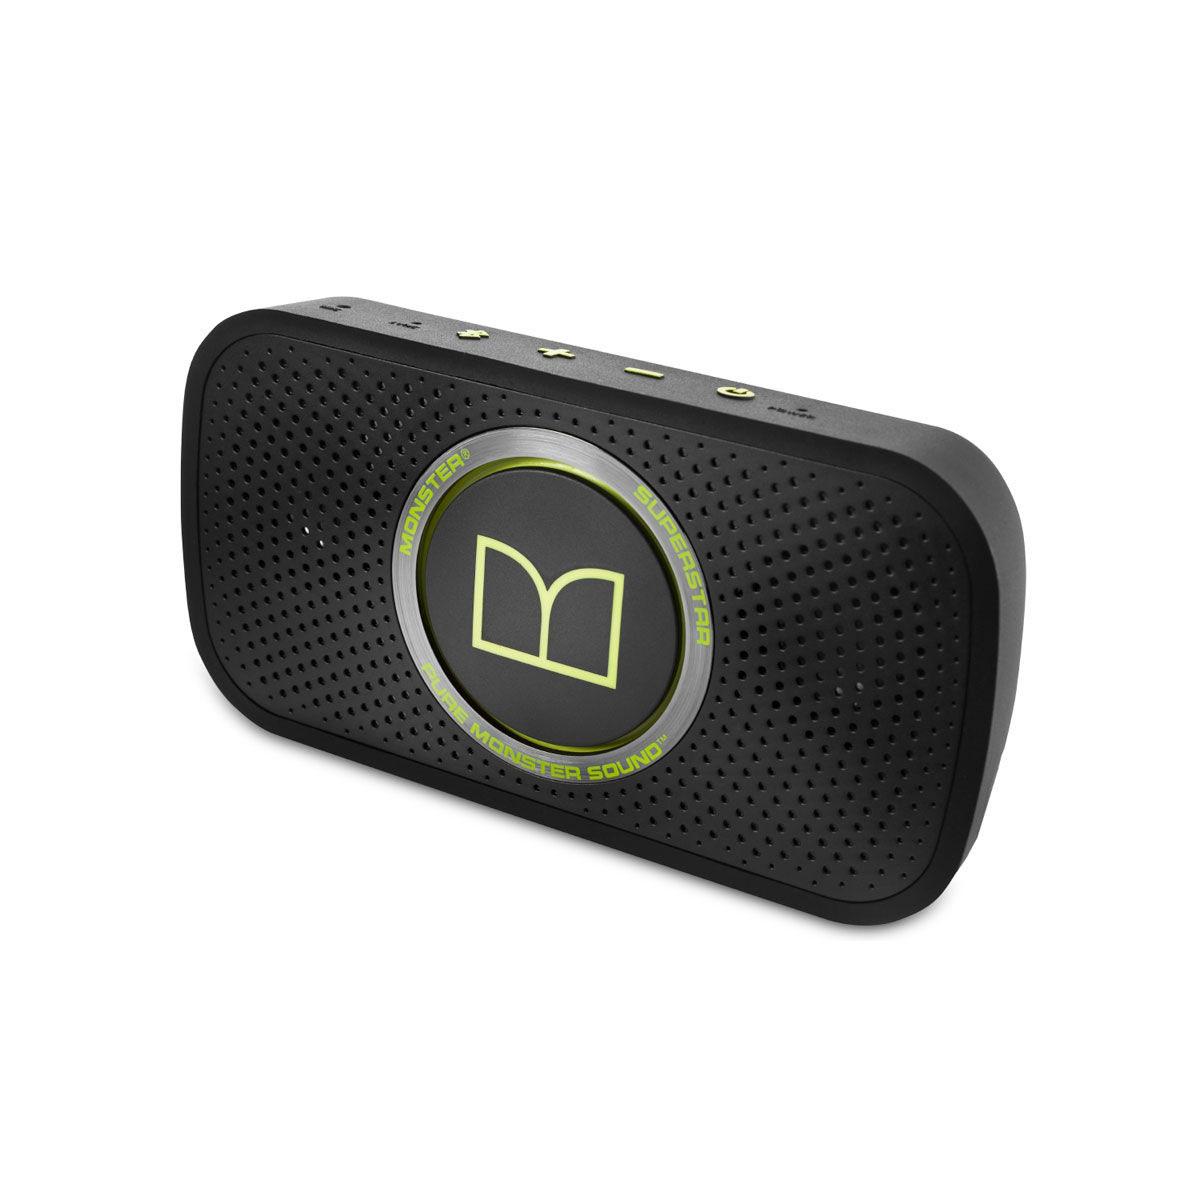 Dock & Enceinte Bluetooth Monster SuperStar Vert Enceinte sans fil bluetooth